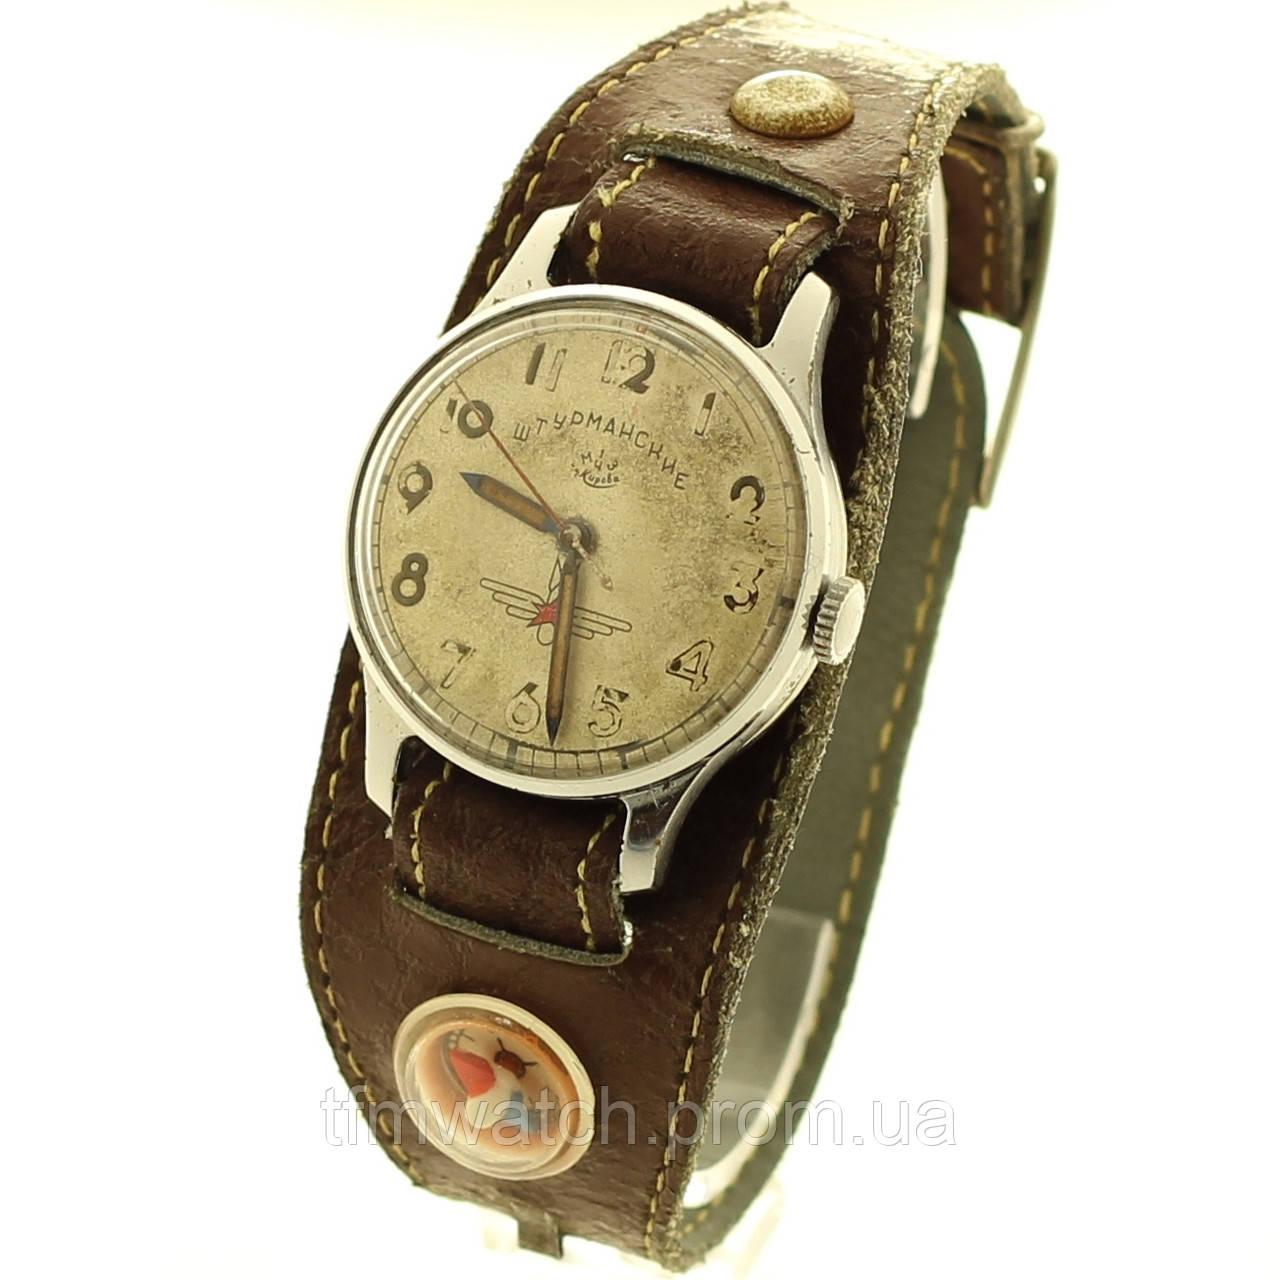 Куплю часы ссср штурманские часы омега купить в спб